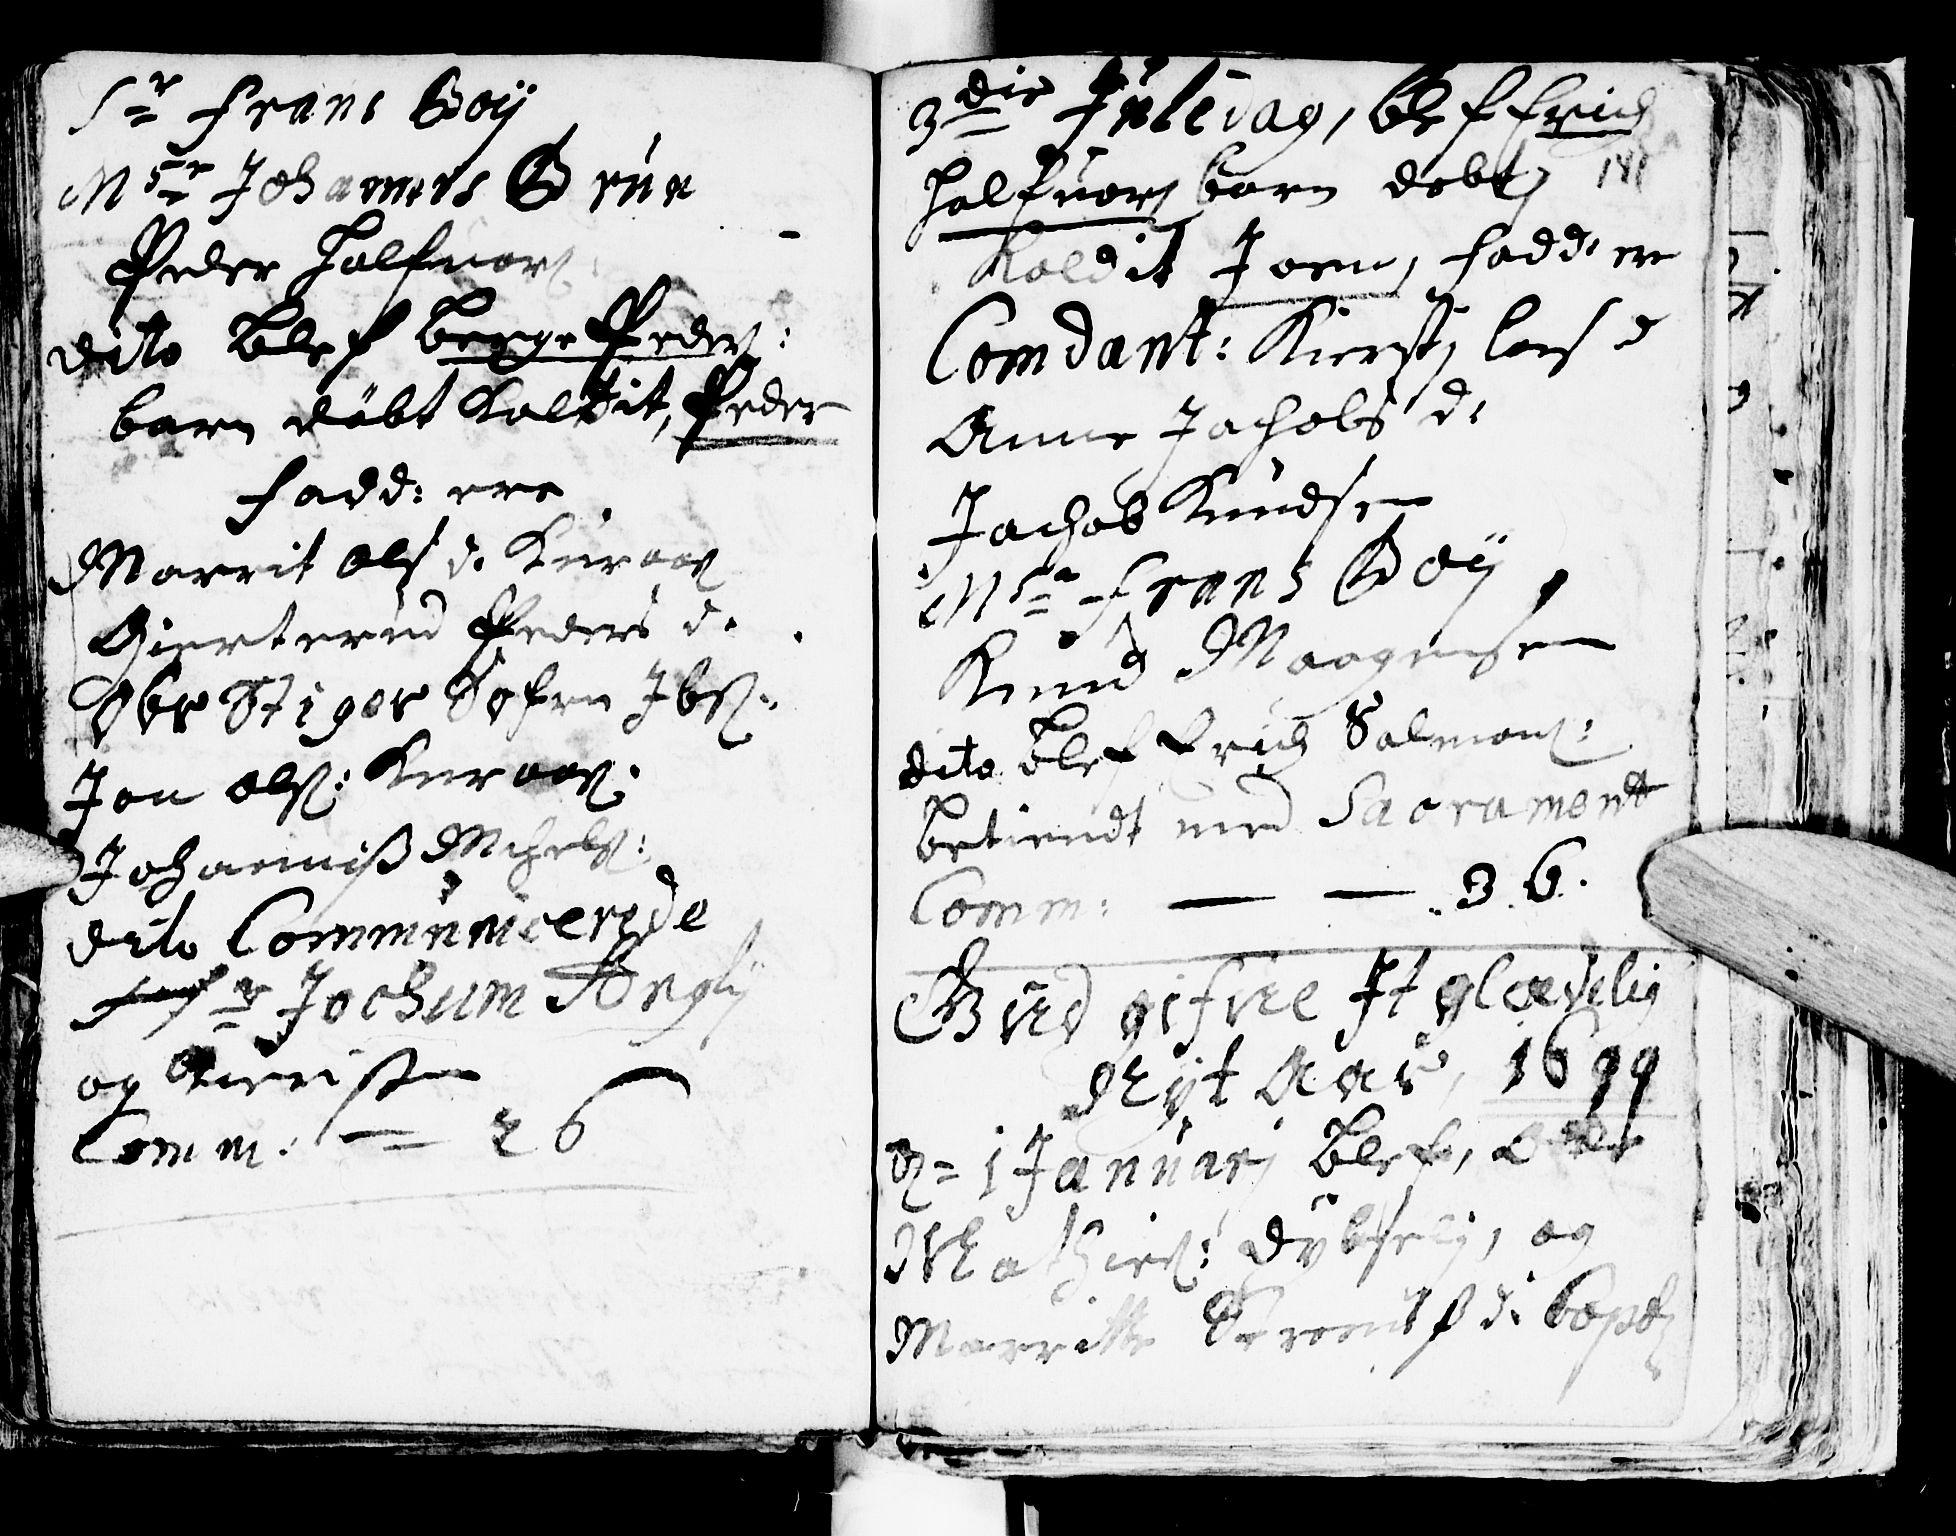 SAT, Ministerialprotokoller, klokkerbøker og fødselsregistre - Sør-Trøndelag, 681/L0923: Ministerialbok nr. 681A01, 1691-1700, s. 141